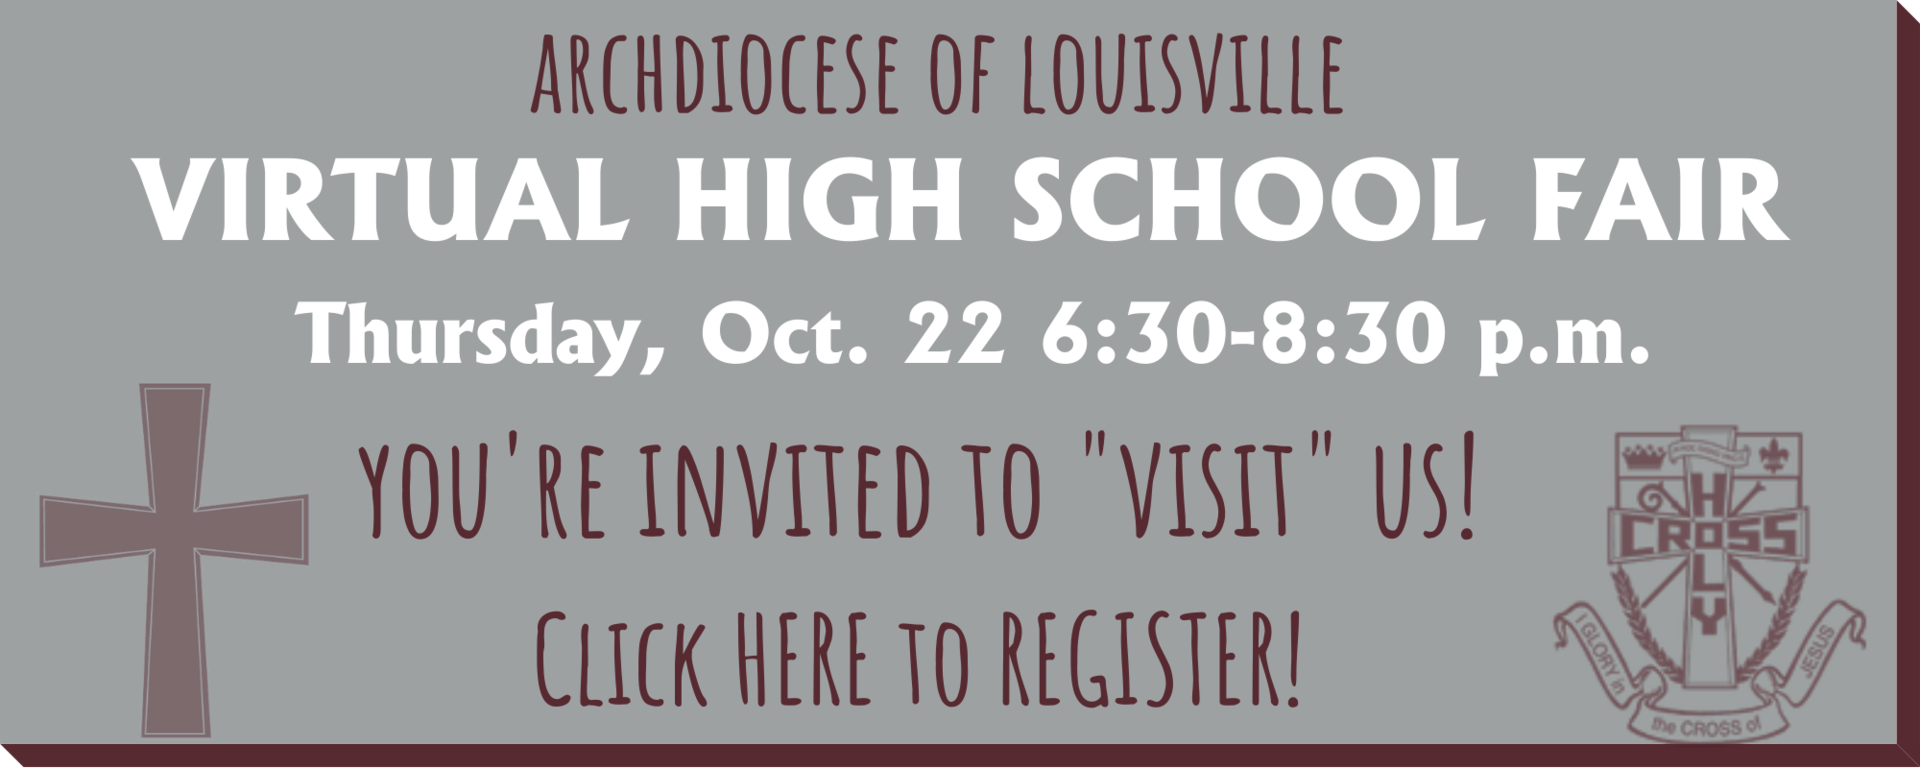 Virtual High School Fair